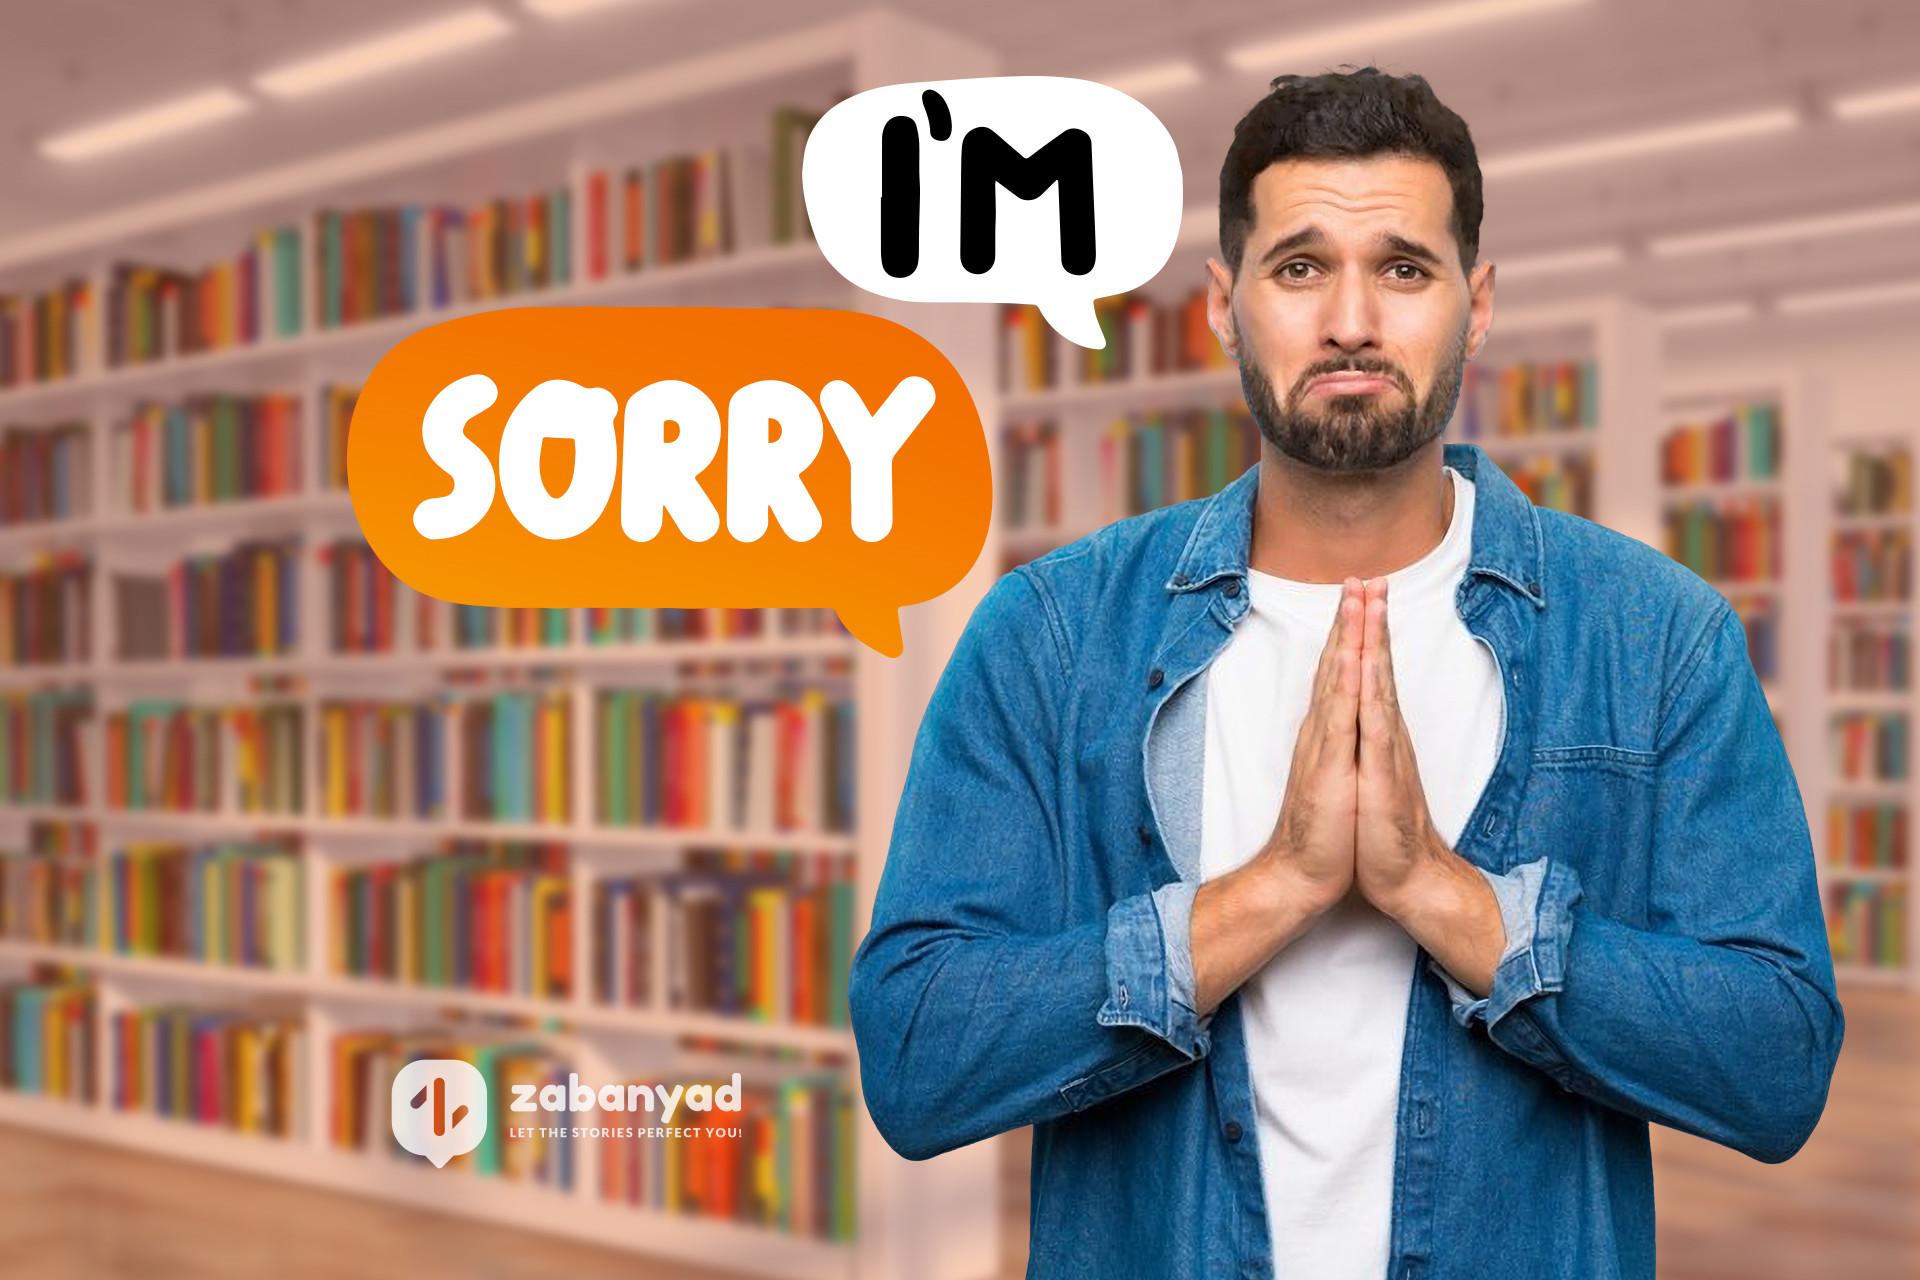 ۶ جایگزین I'm sorry